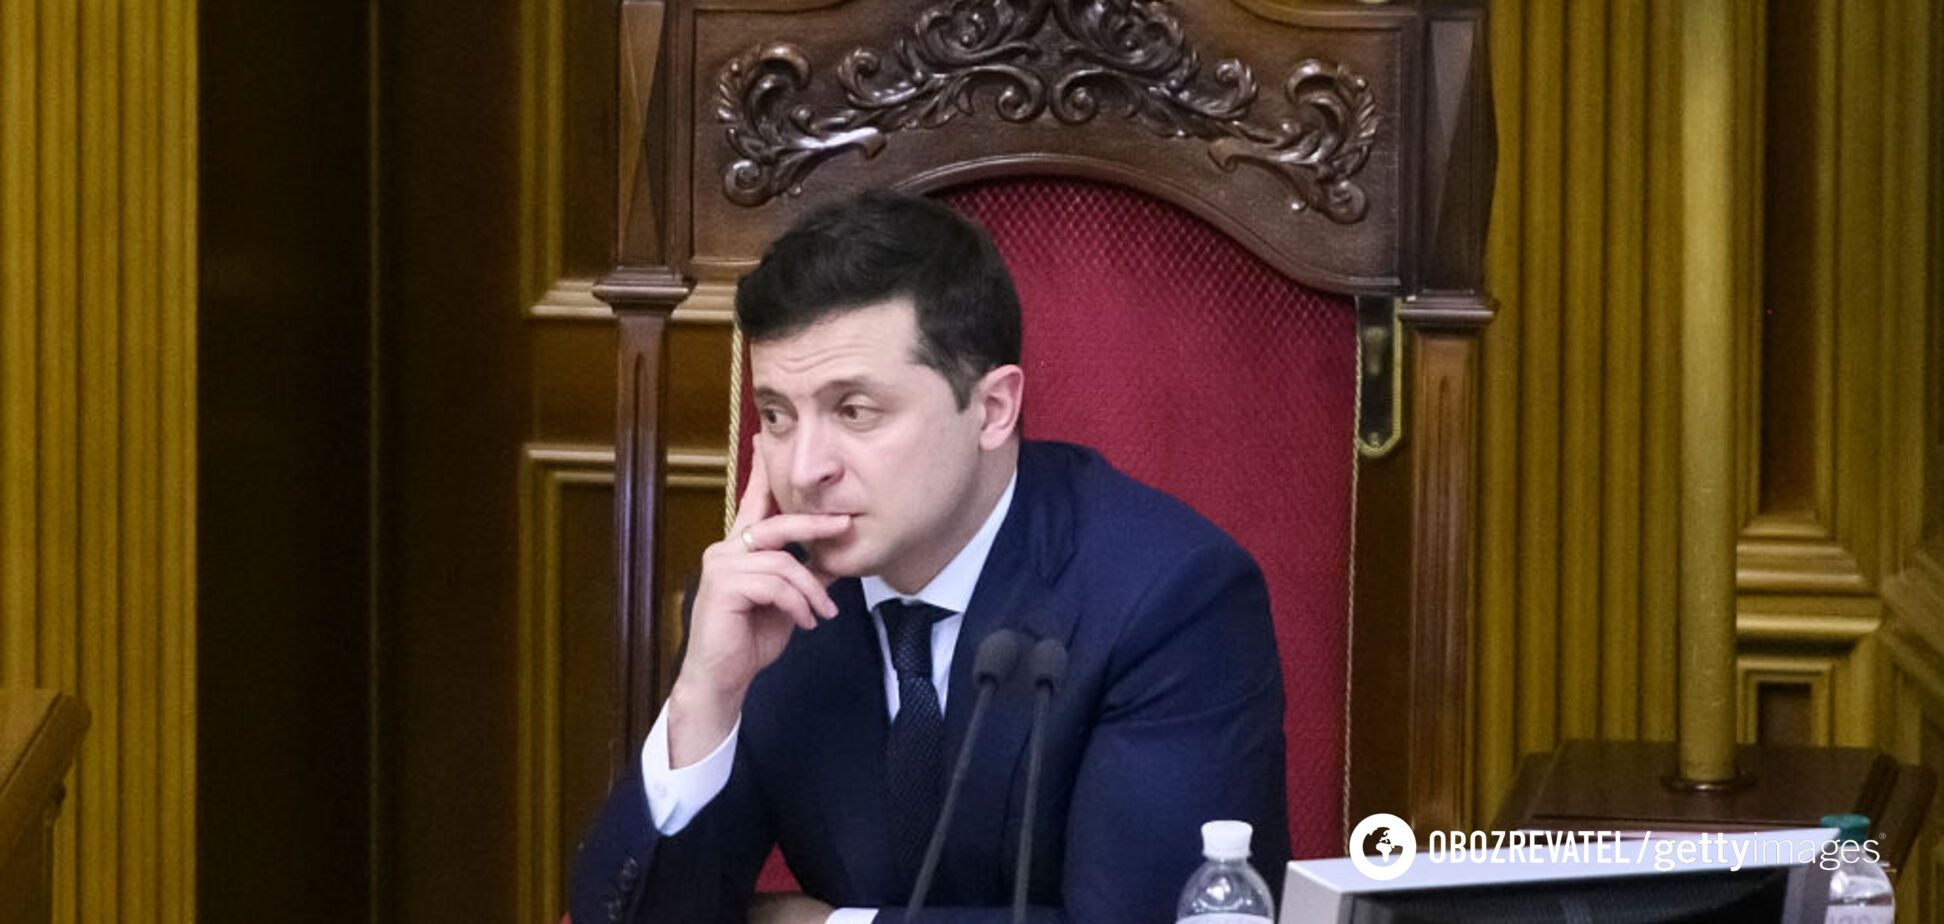 Зеленскому на заметку: только правда спасет Украину